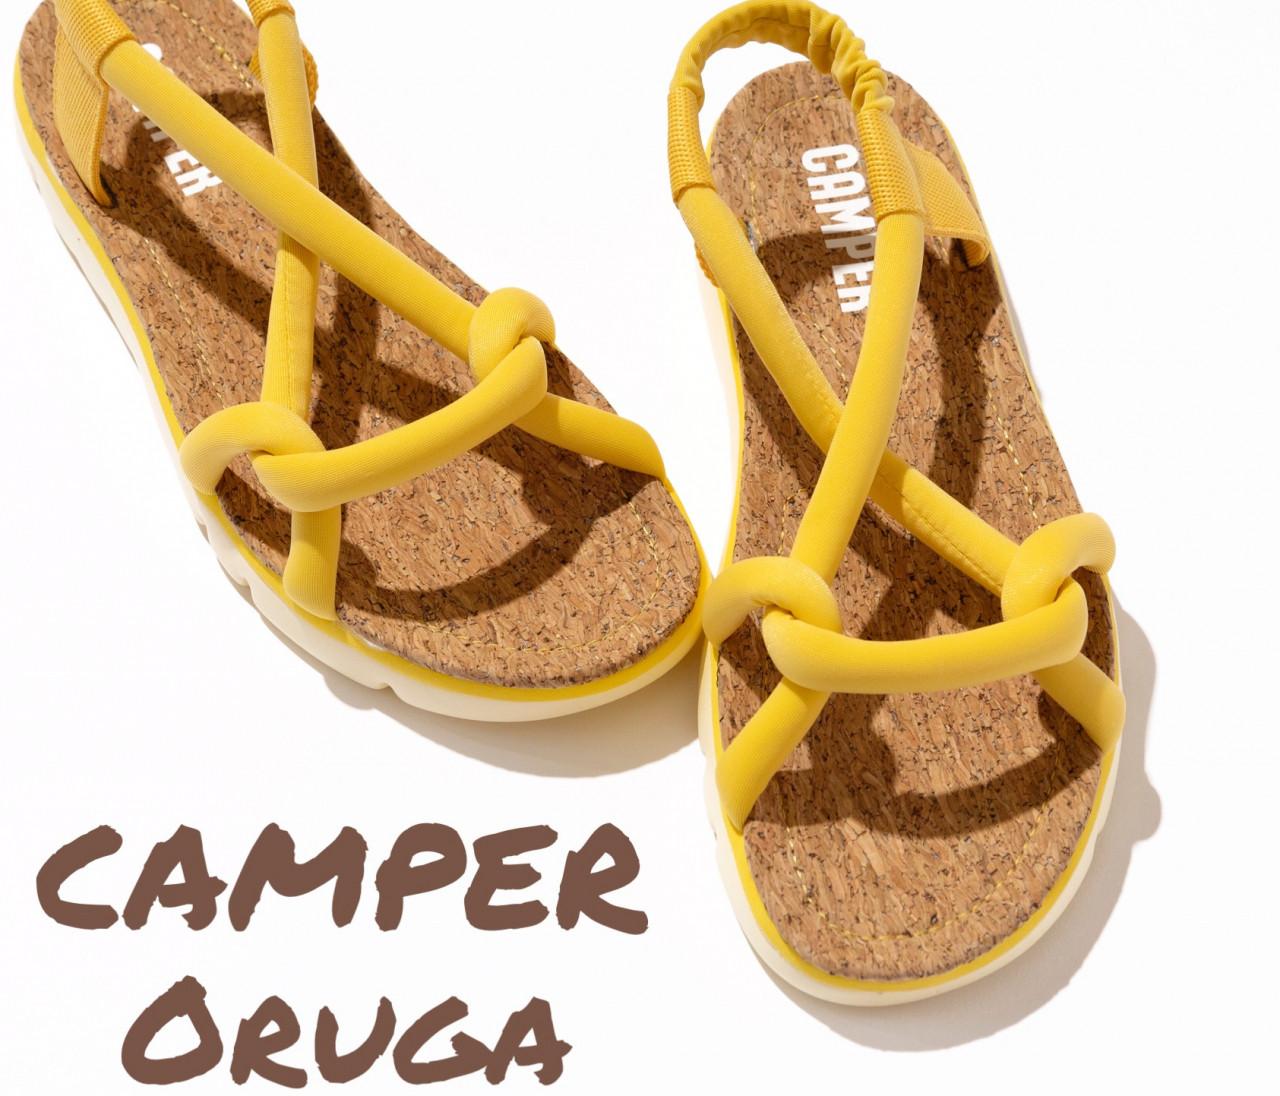 【カンペールのサンダル】履き心地がよくてタイムレス。「オルガ」が初夏の幸せを連れてくる【30代に幸せをくれるものvol.22】